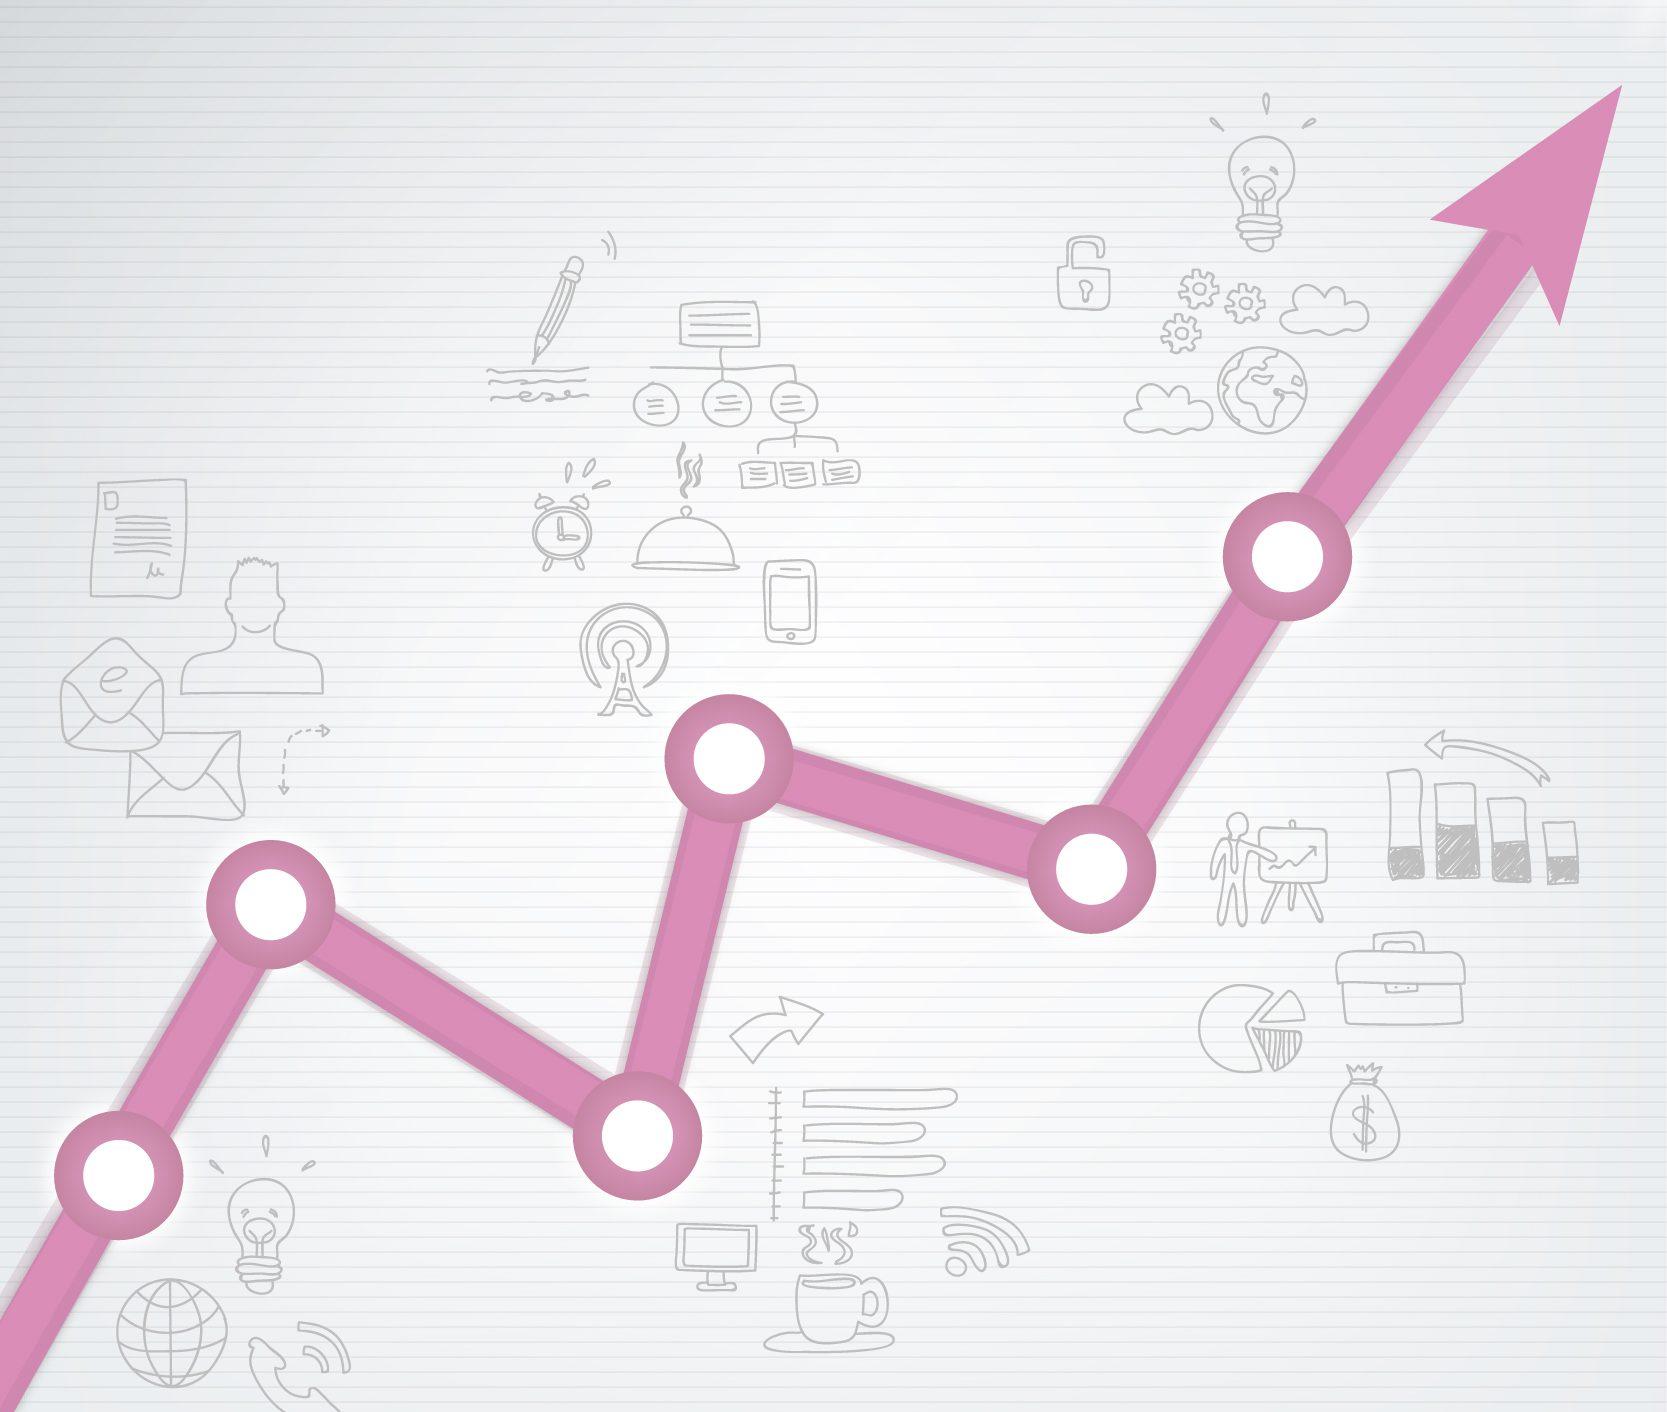 גרף כניסות לאתר והגדלת רווחים